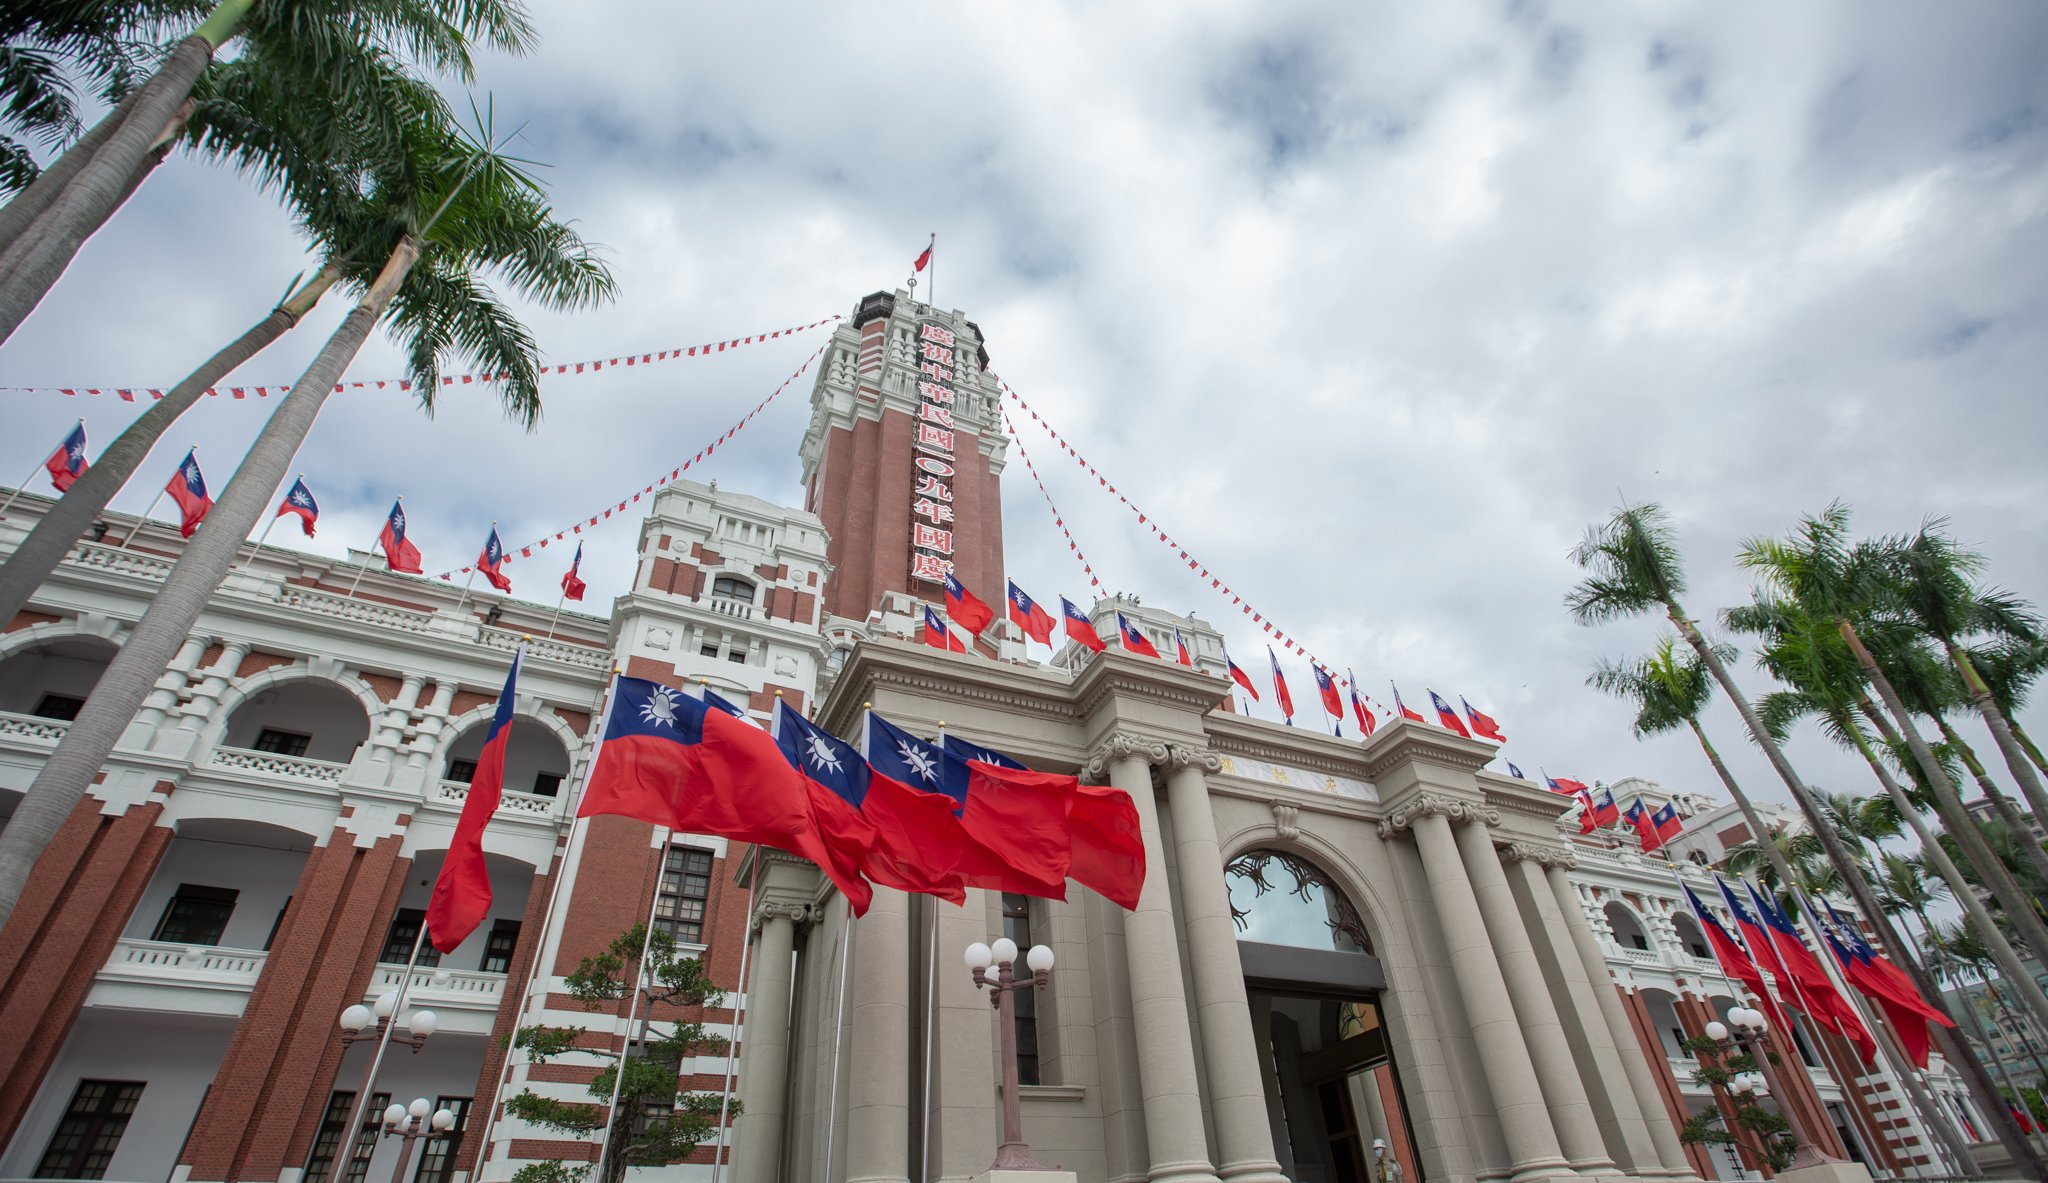 「無國界記者」組織(RSF)在「2021世界新聞自由指數」的報告中指出,台灣名列第43,中共則在180個國家中排名倒數第4。圖為中華民國總統府,資料照。(中華民國總統府提供)